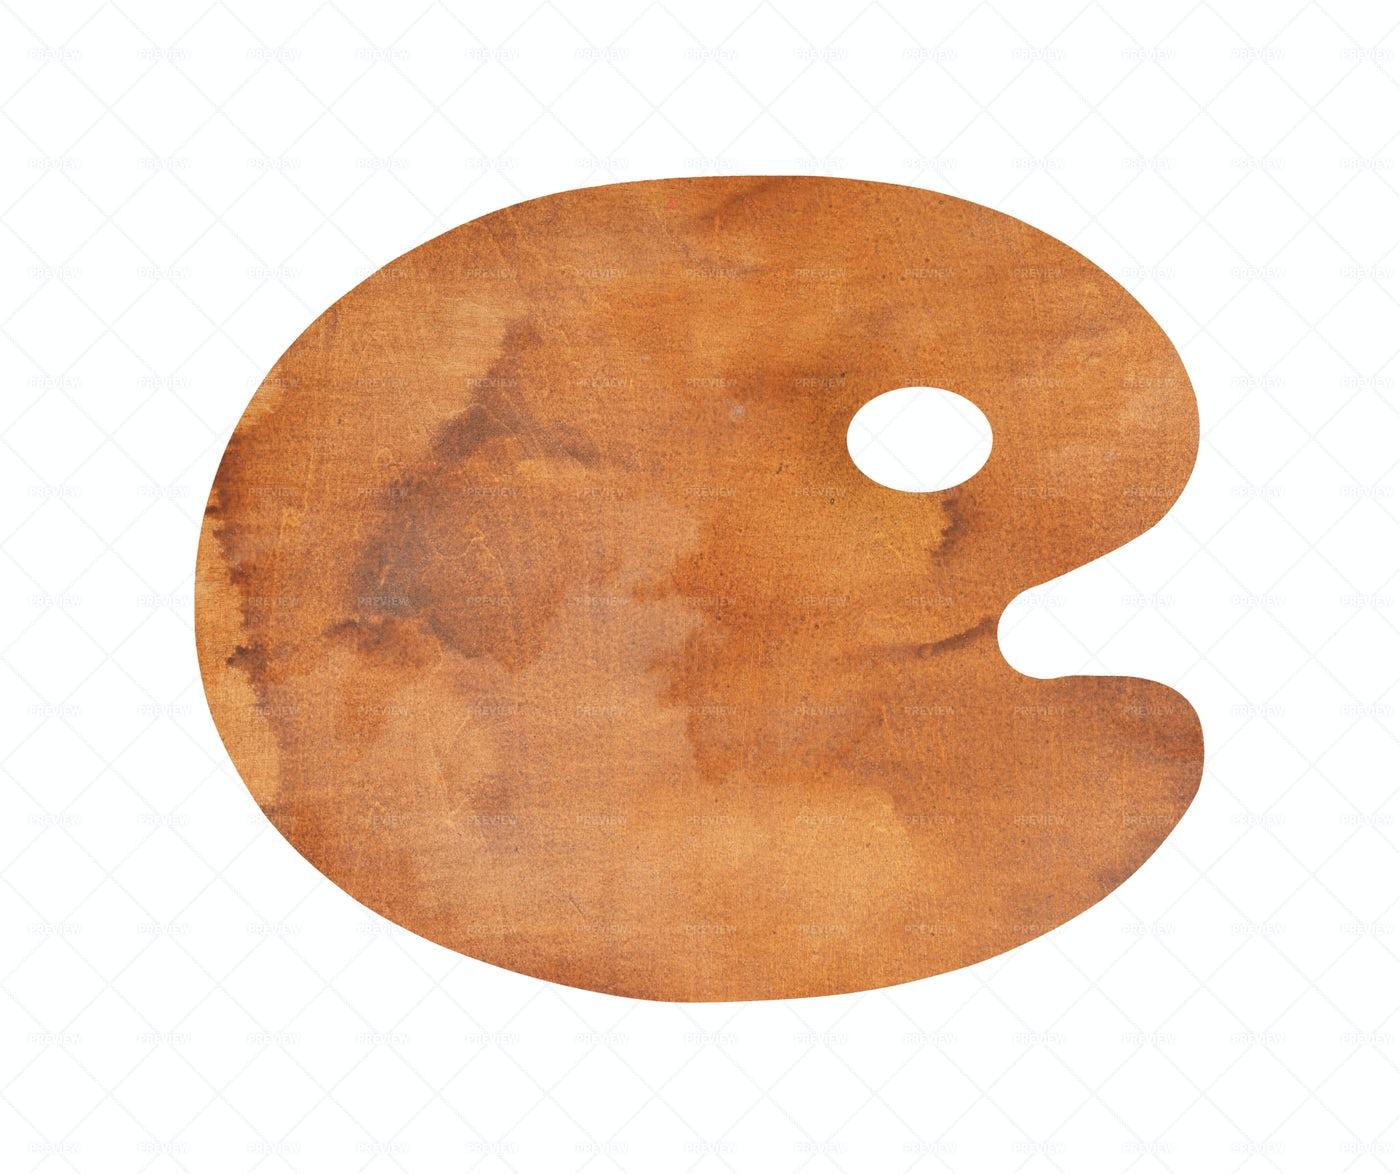 Wooden Paint Palette: Stock Photos